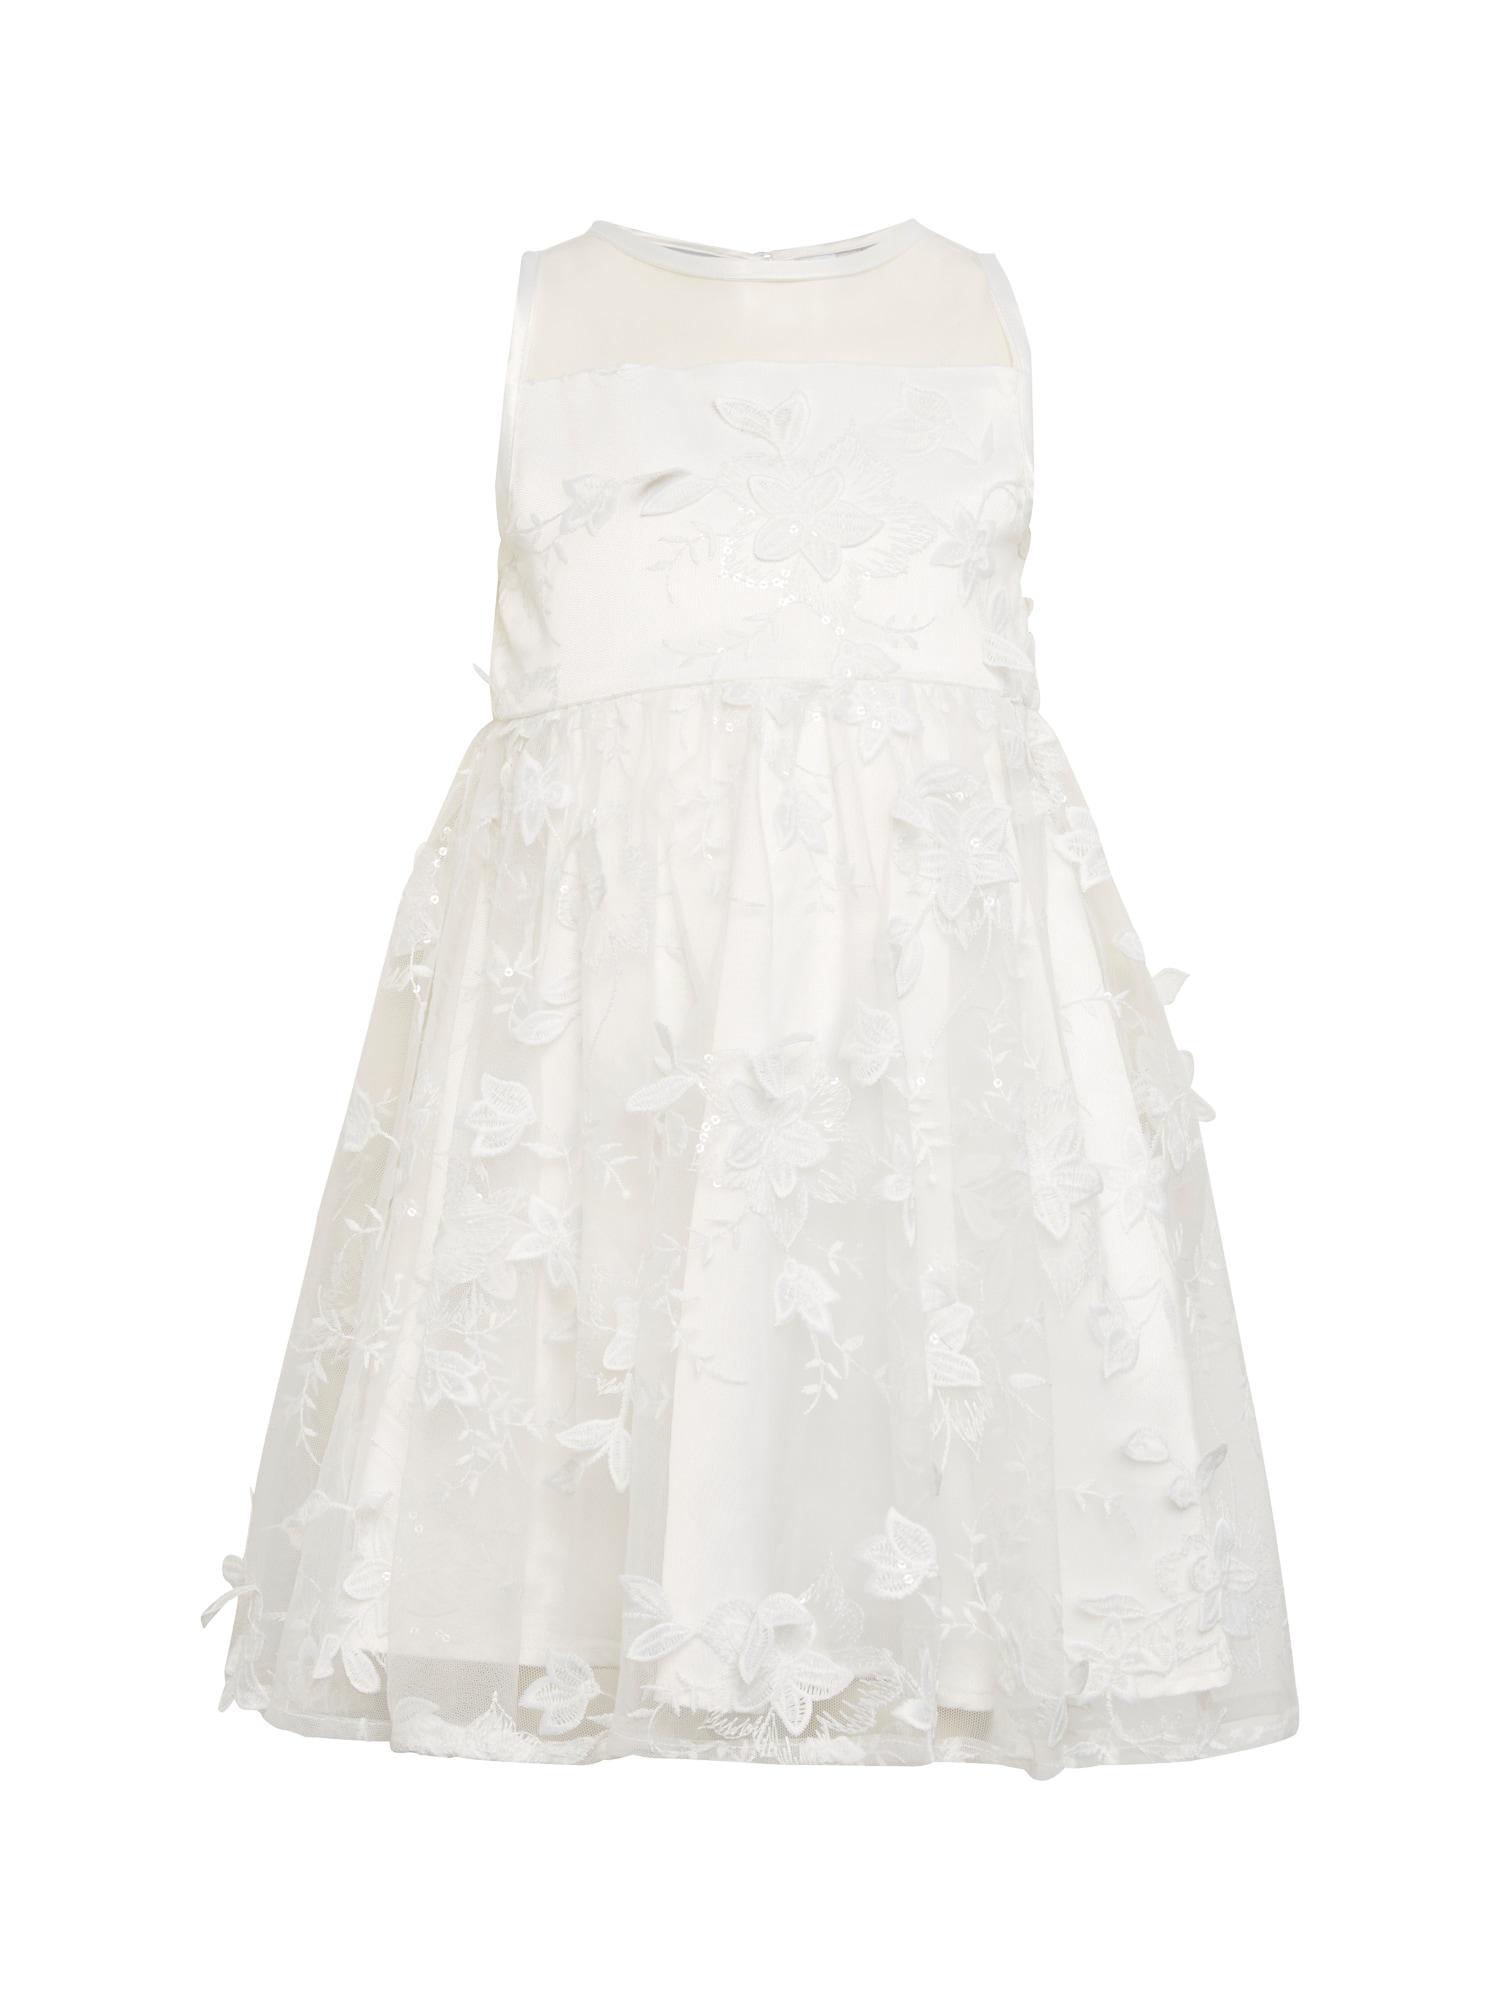 Šaty Nelly Dress přírodní bílá Chi Chi Girls